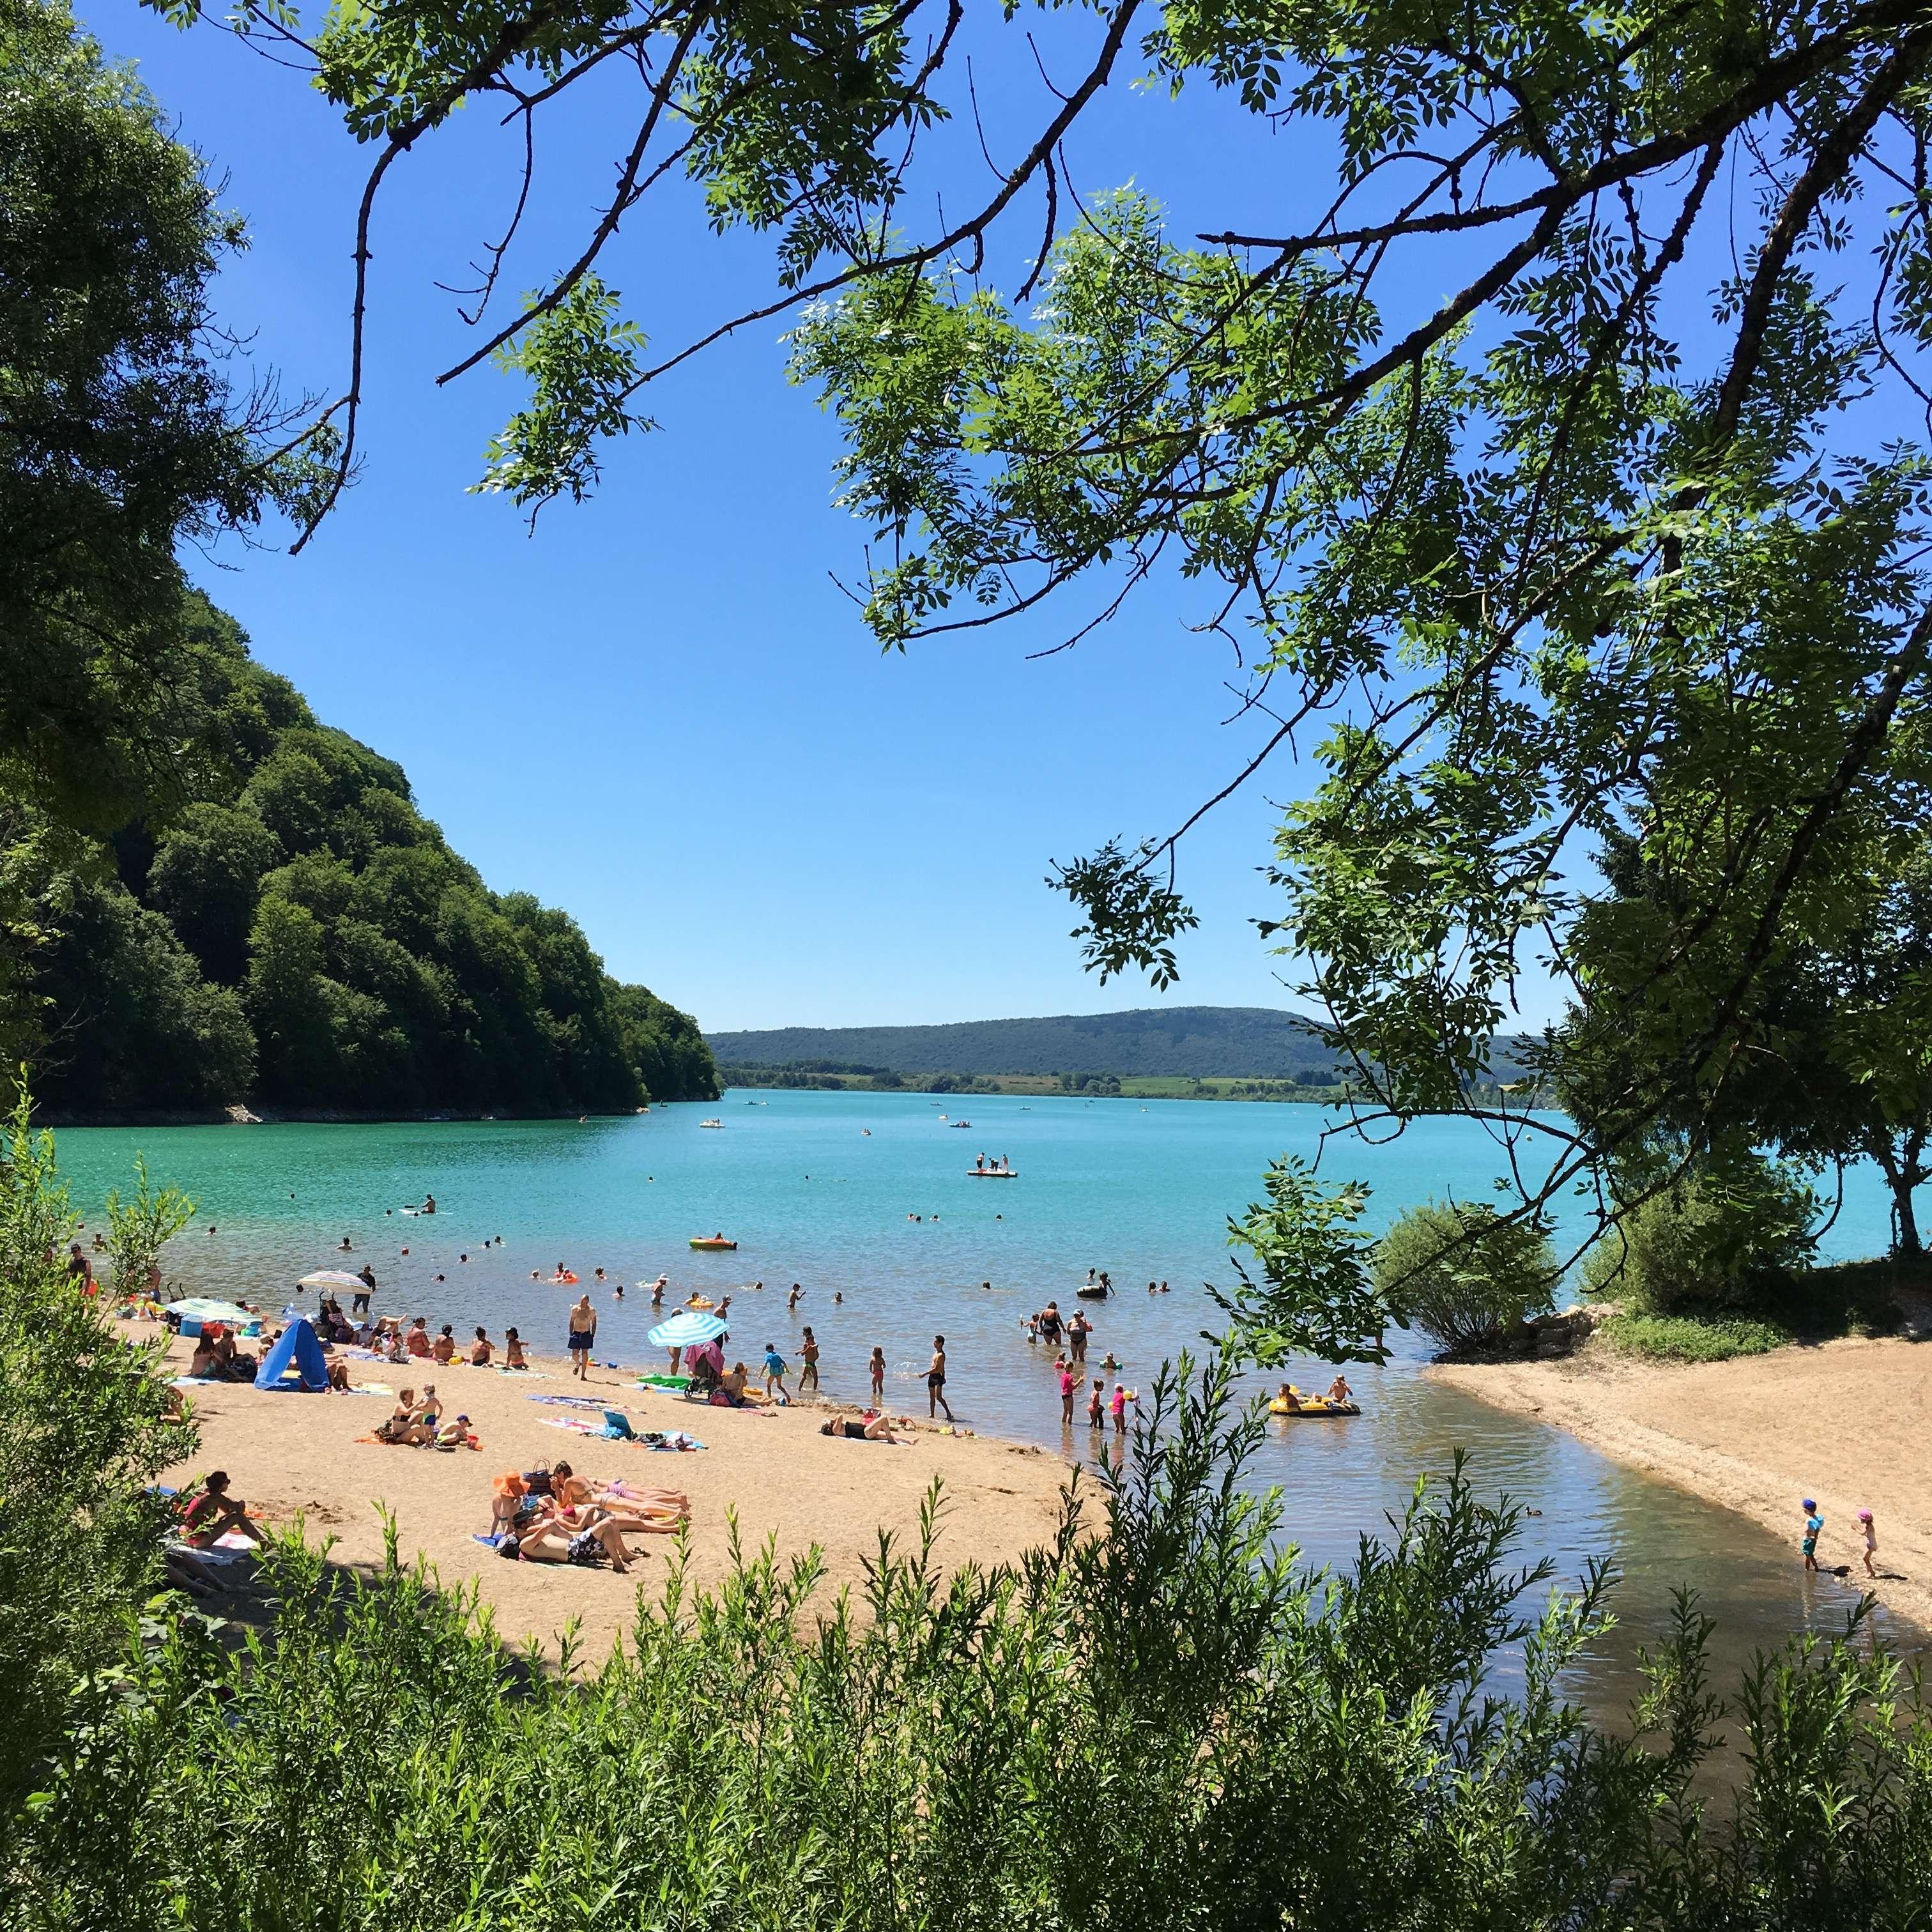 Une des plages du Domaine de Chalain, sur le lac du même nom. Ce camping 4 étoiles est noir de monde en été. C'est le paradis des familles.